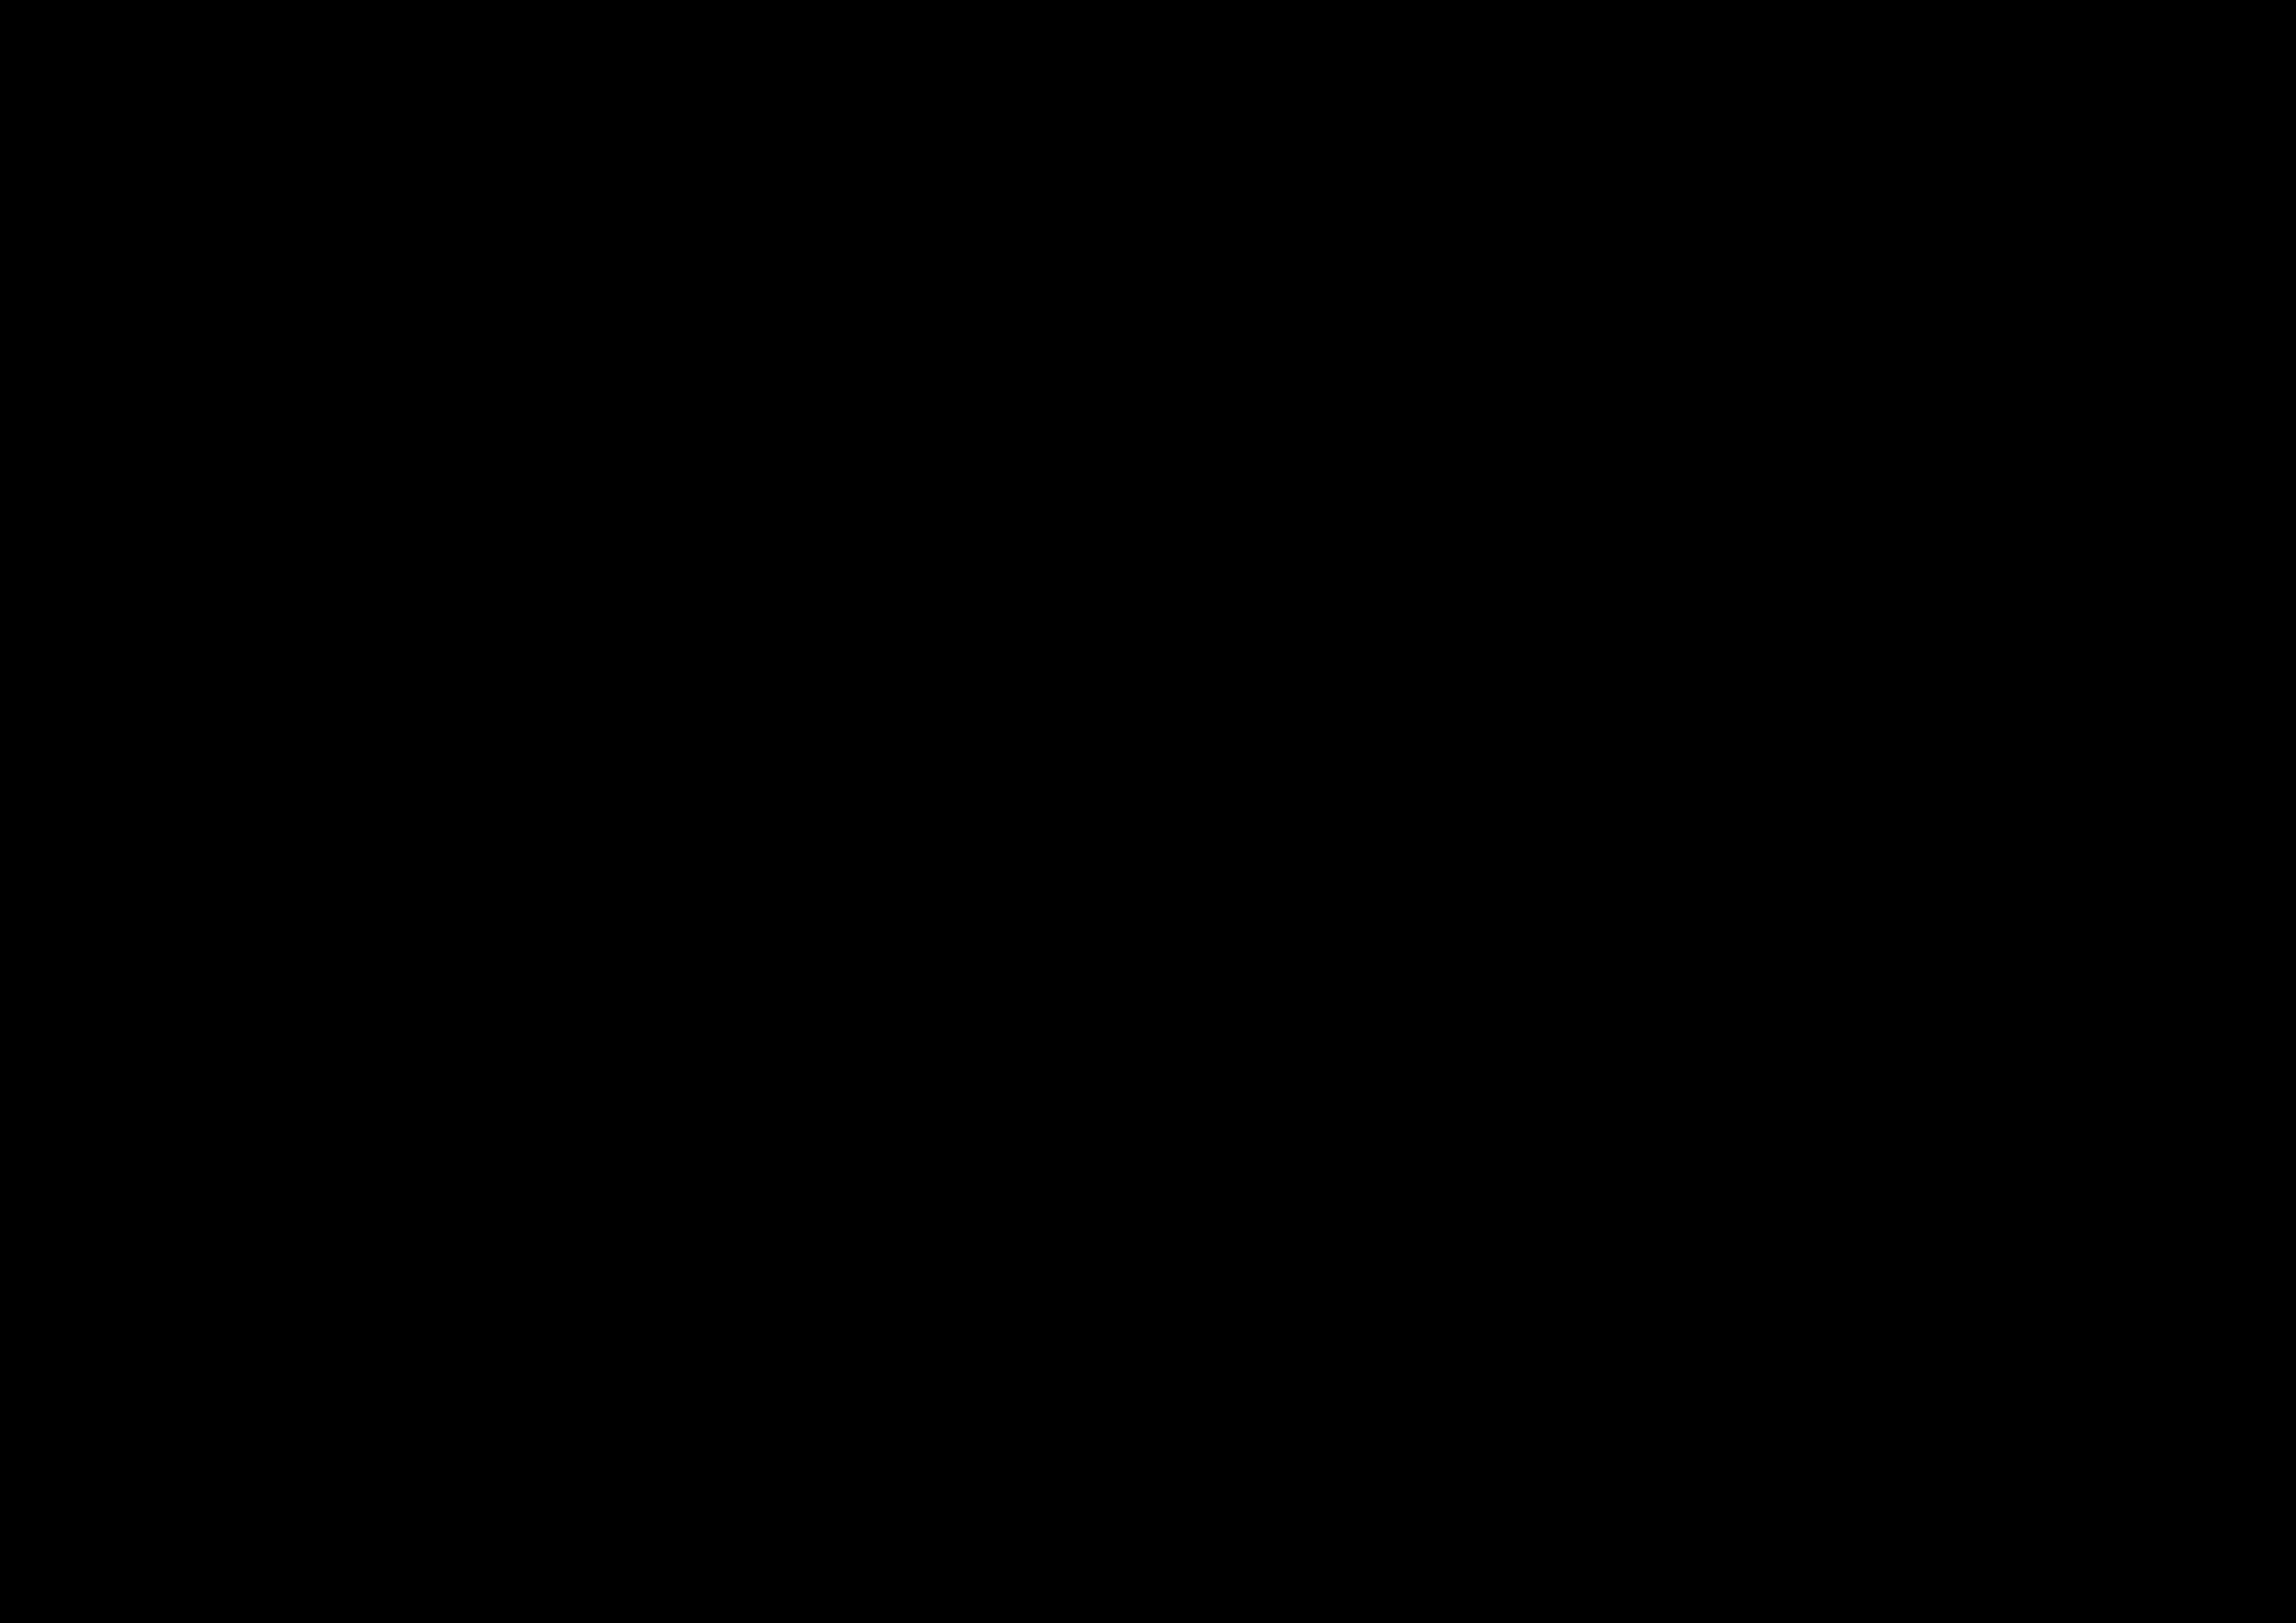 Portal Rasmi PDT Kuala Langat Peta - Peta Daerah Kuala Langat